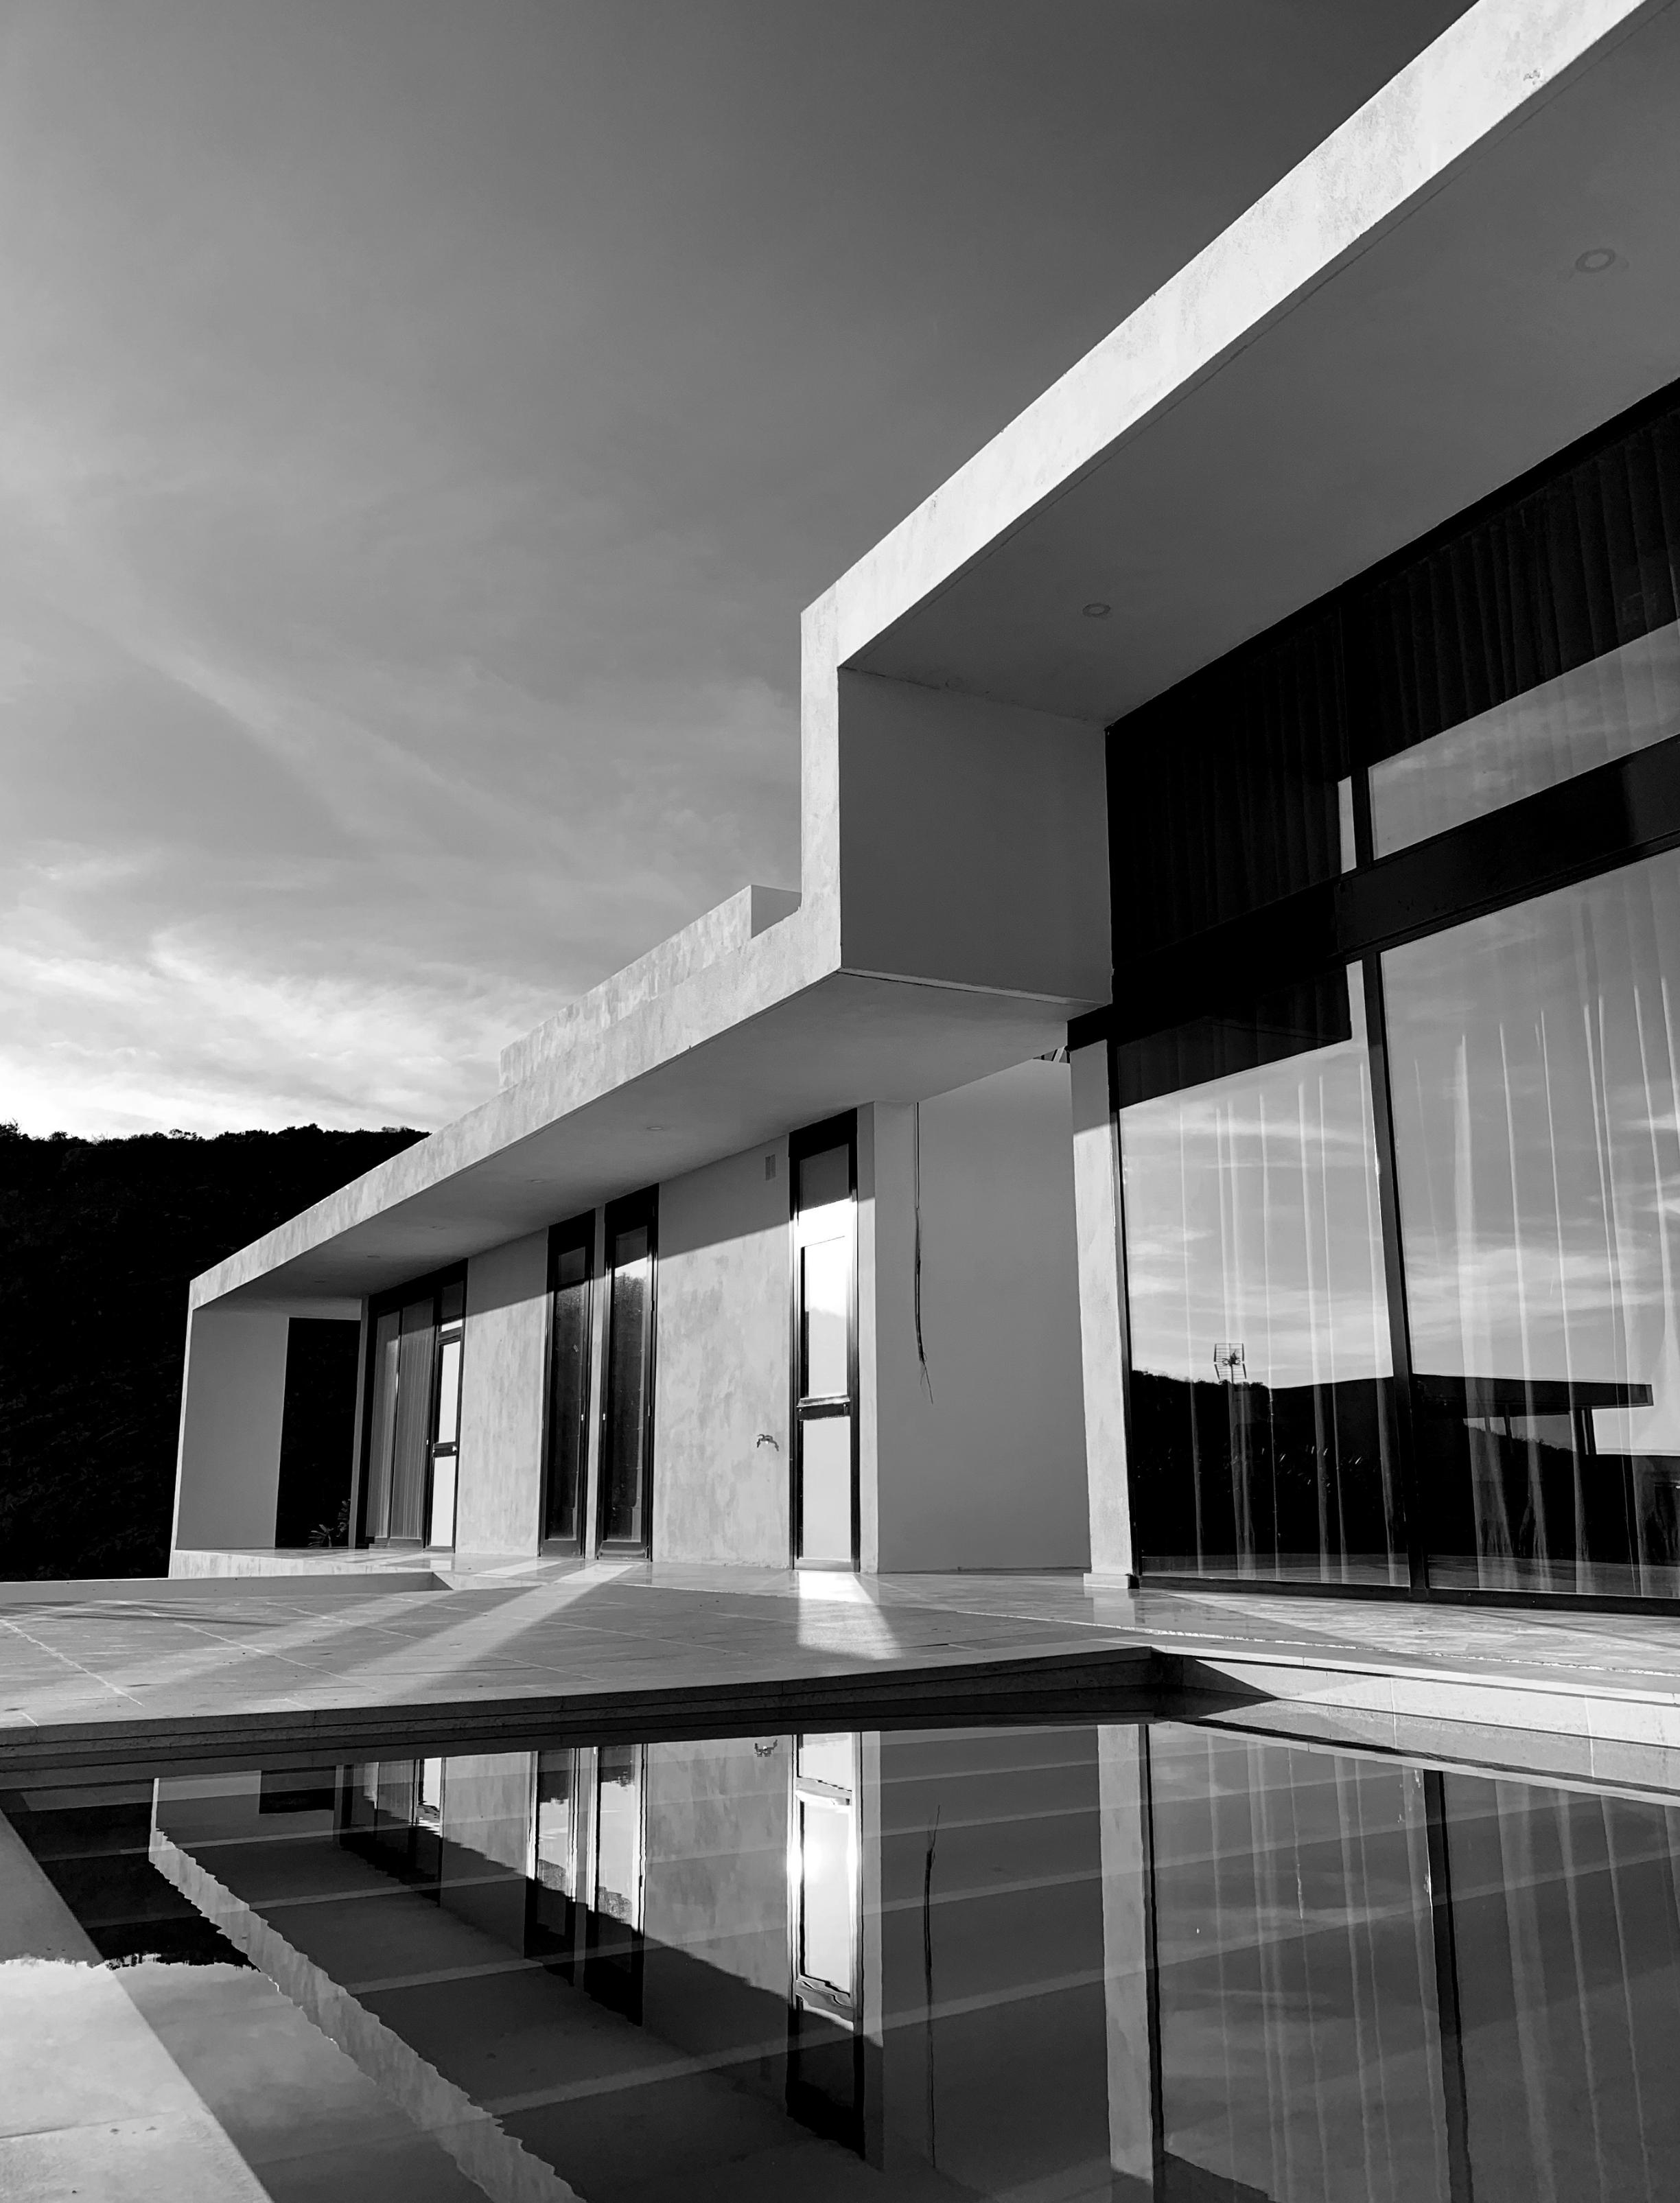 6 viviendas unifamiliares. Un proyecto del estudio de arquitectura FH2L Arquitectos en Casares, Málaga.